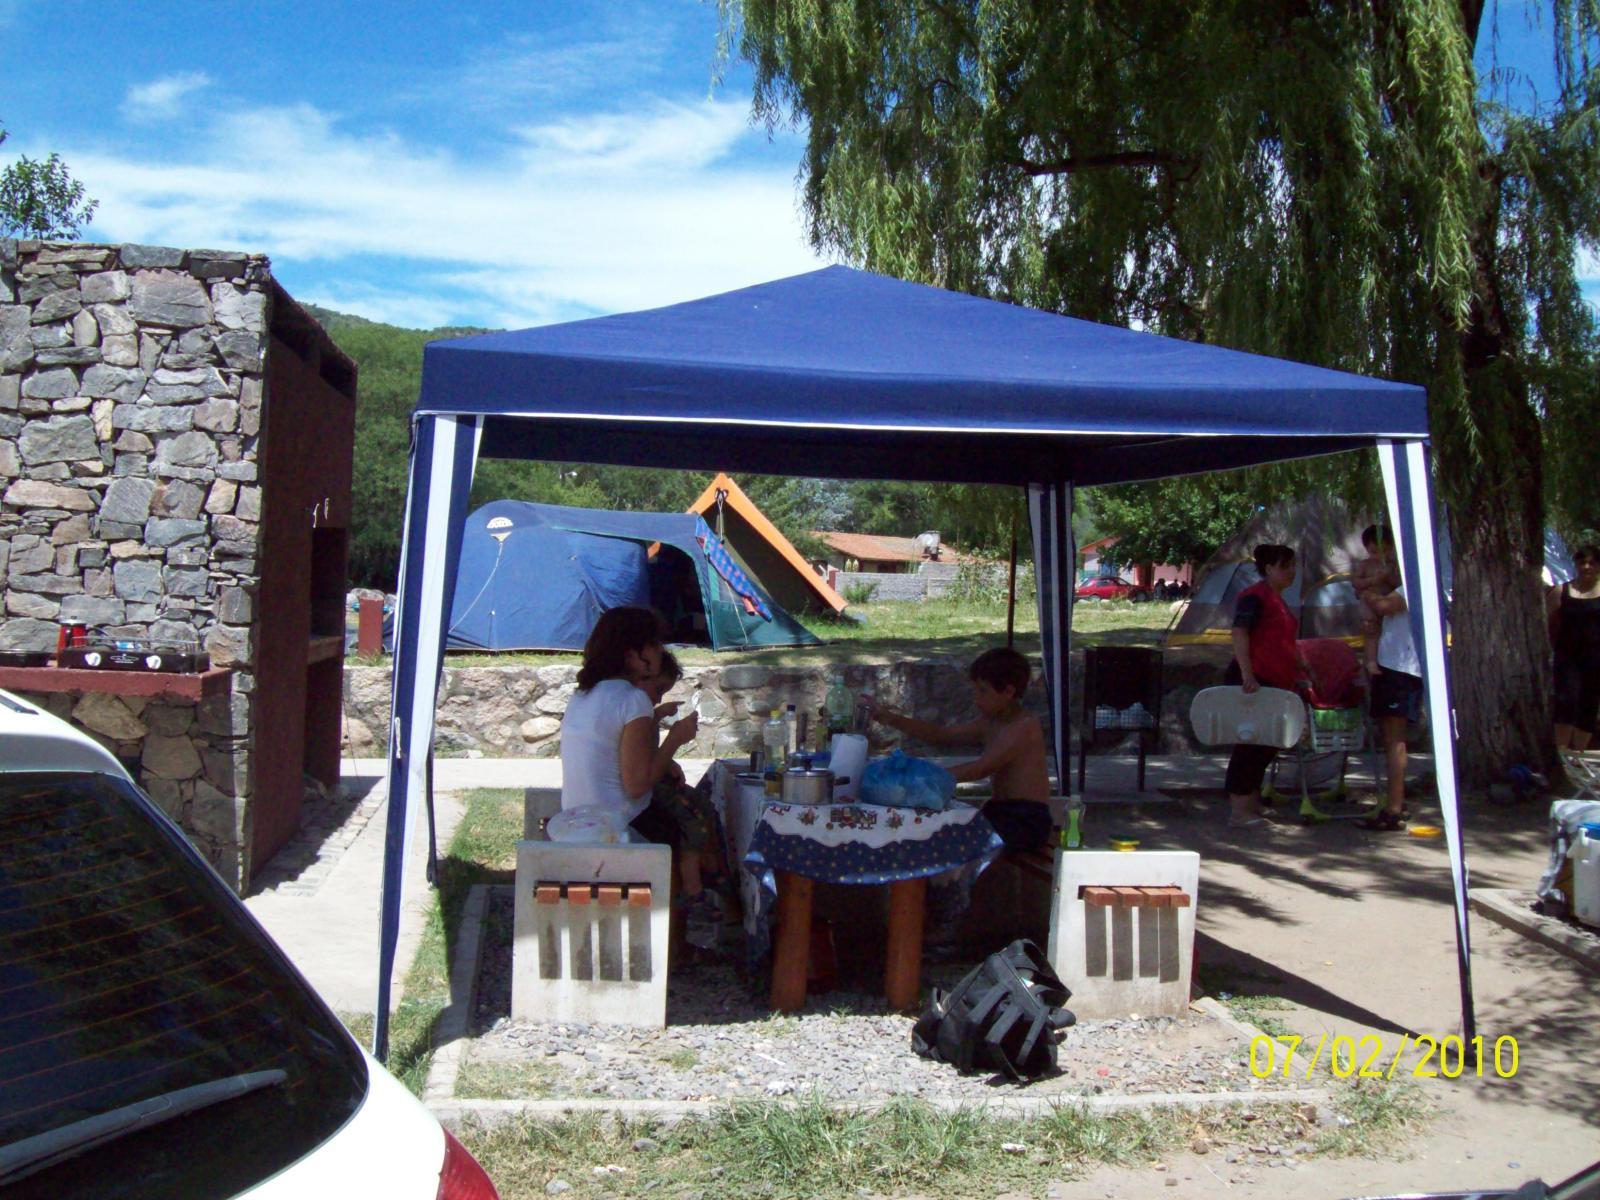 Camping Municipal en El Rodeo Nchvgo